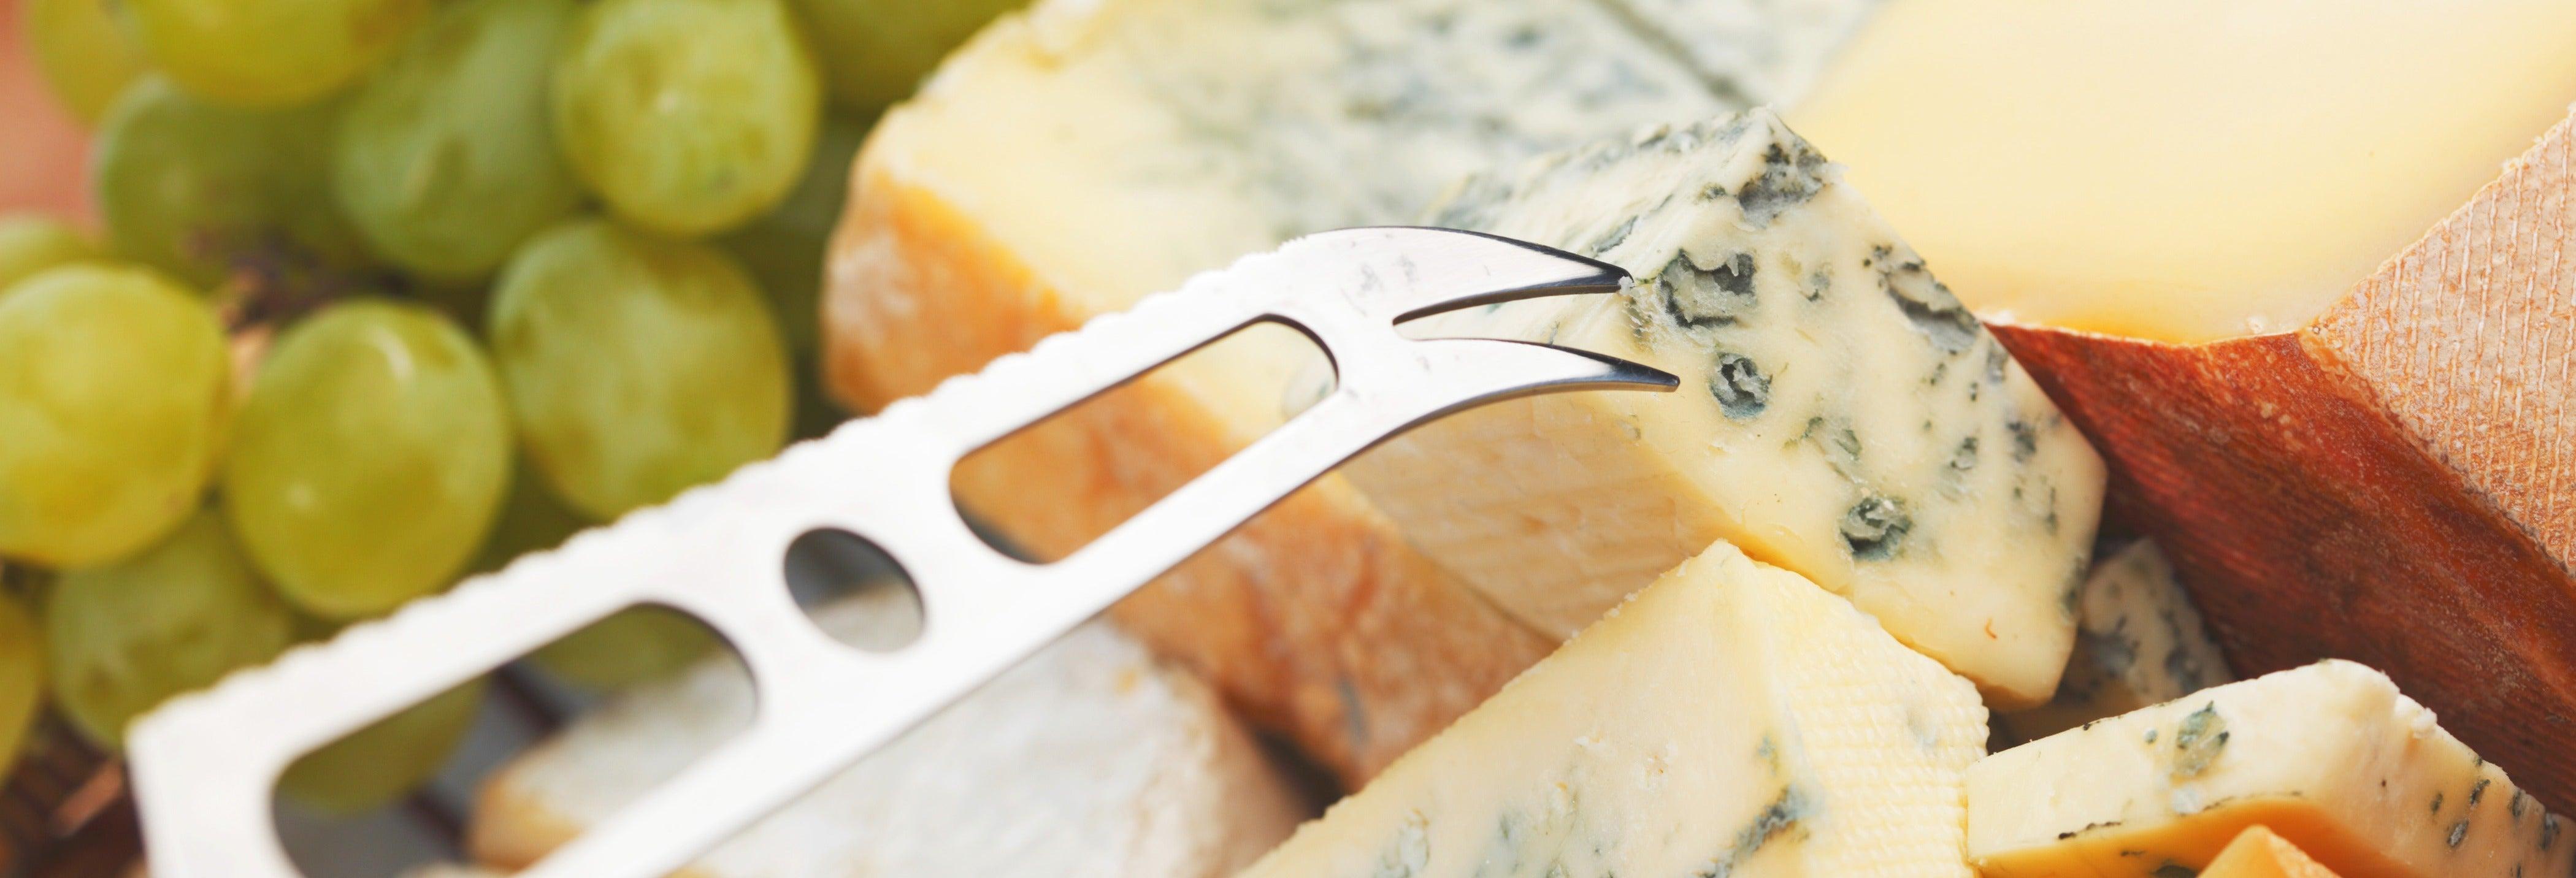 Tour gastronómico por el mercado de Estrasburgo